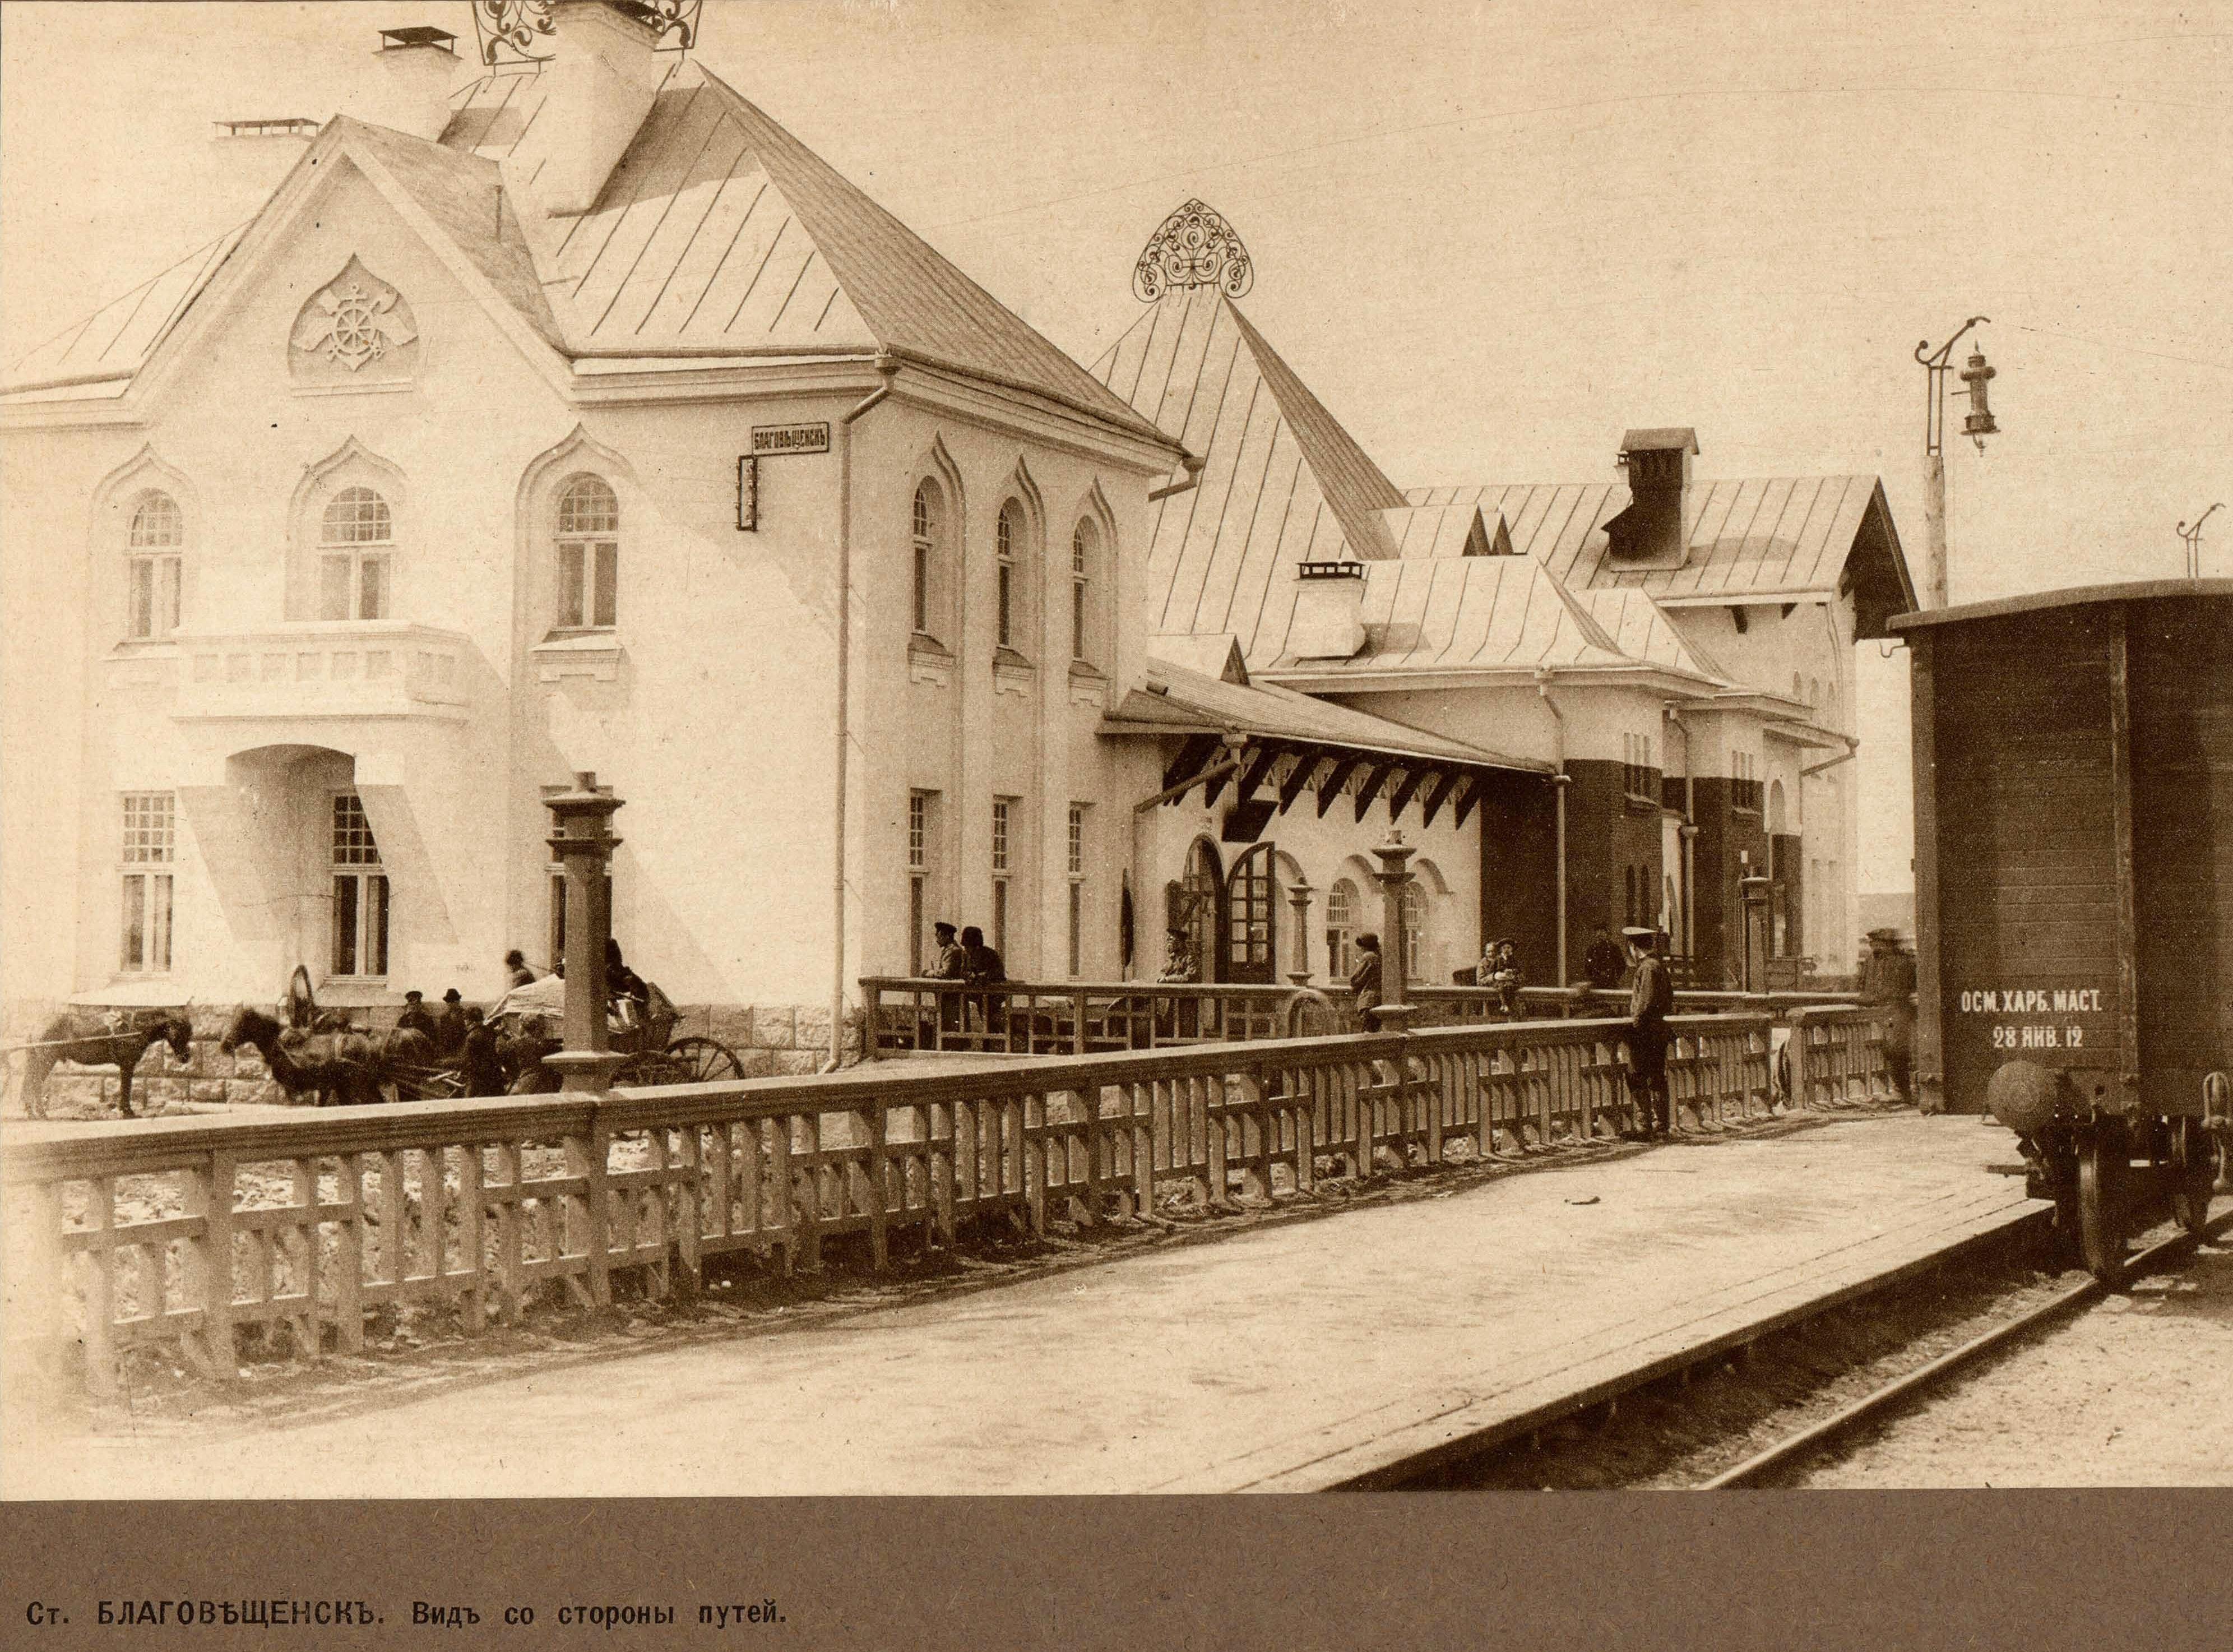 Станция Благовещенск. Вид со стороны путей